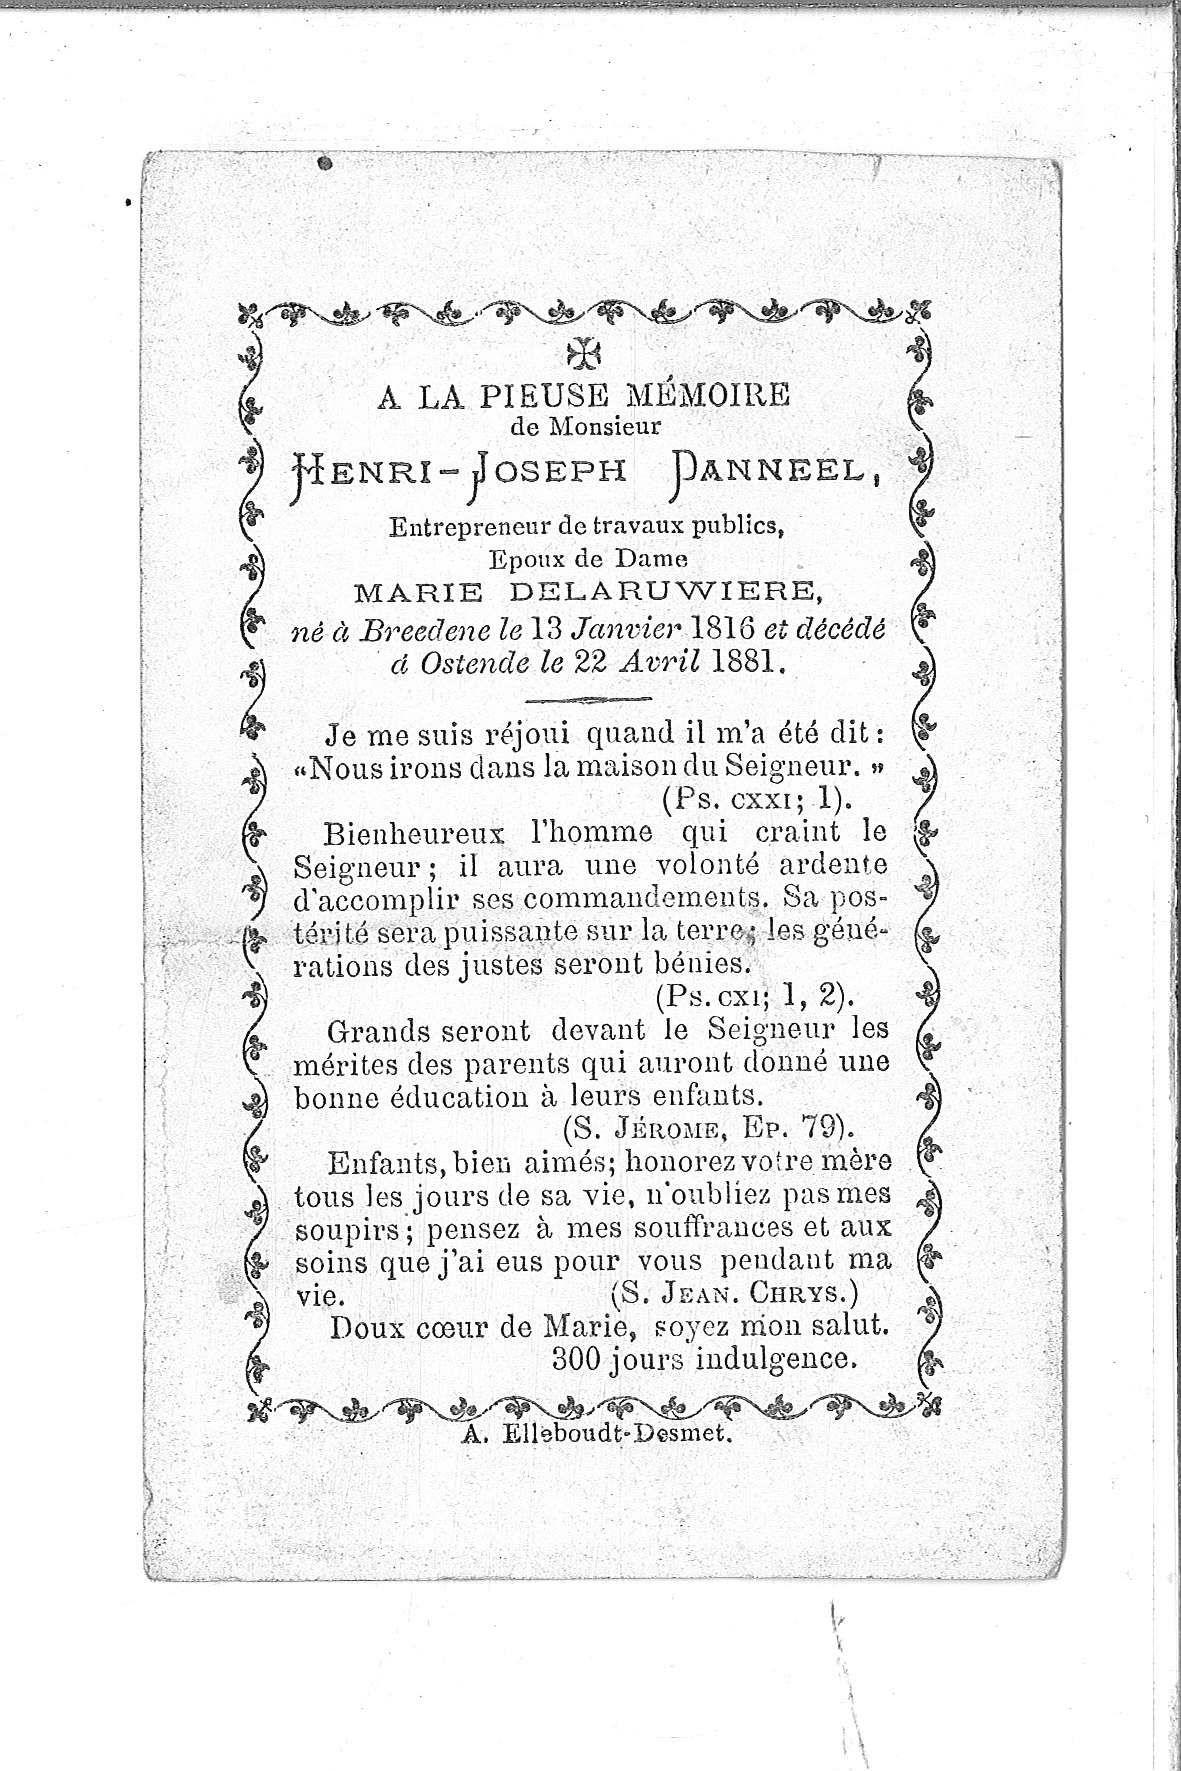 Henri-Joseph(1881)20140218140826_00107.jpg